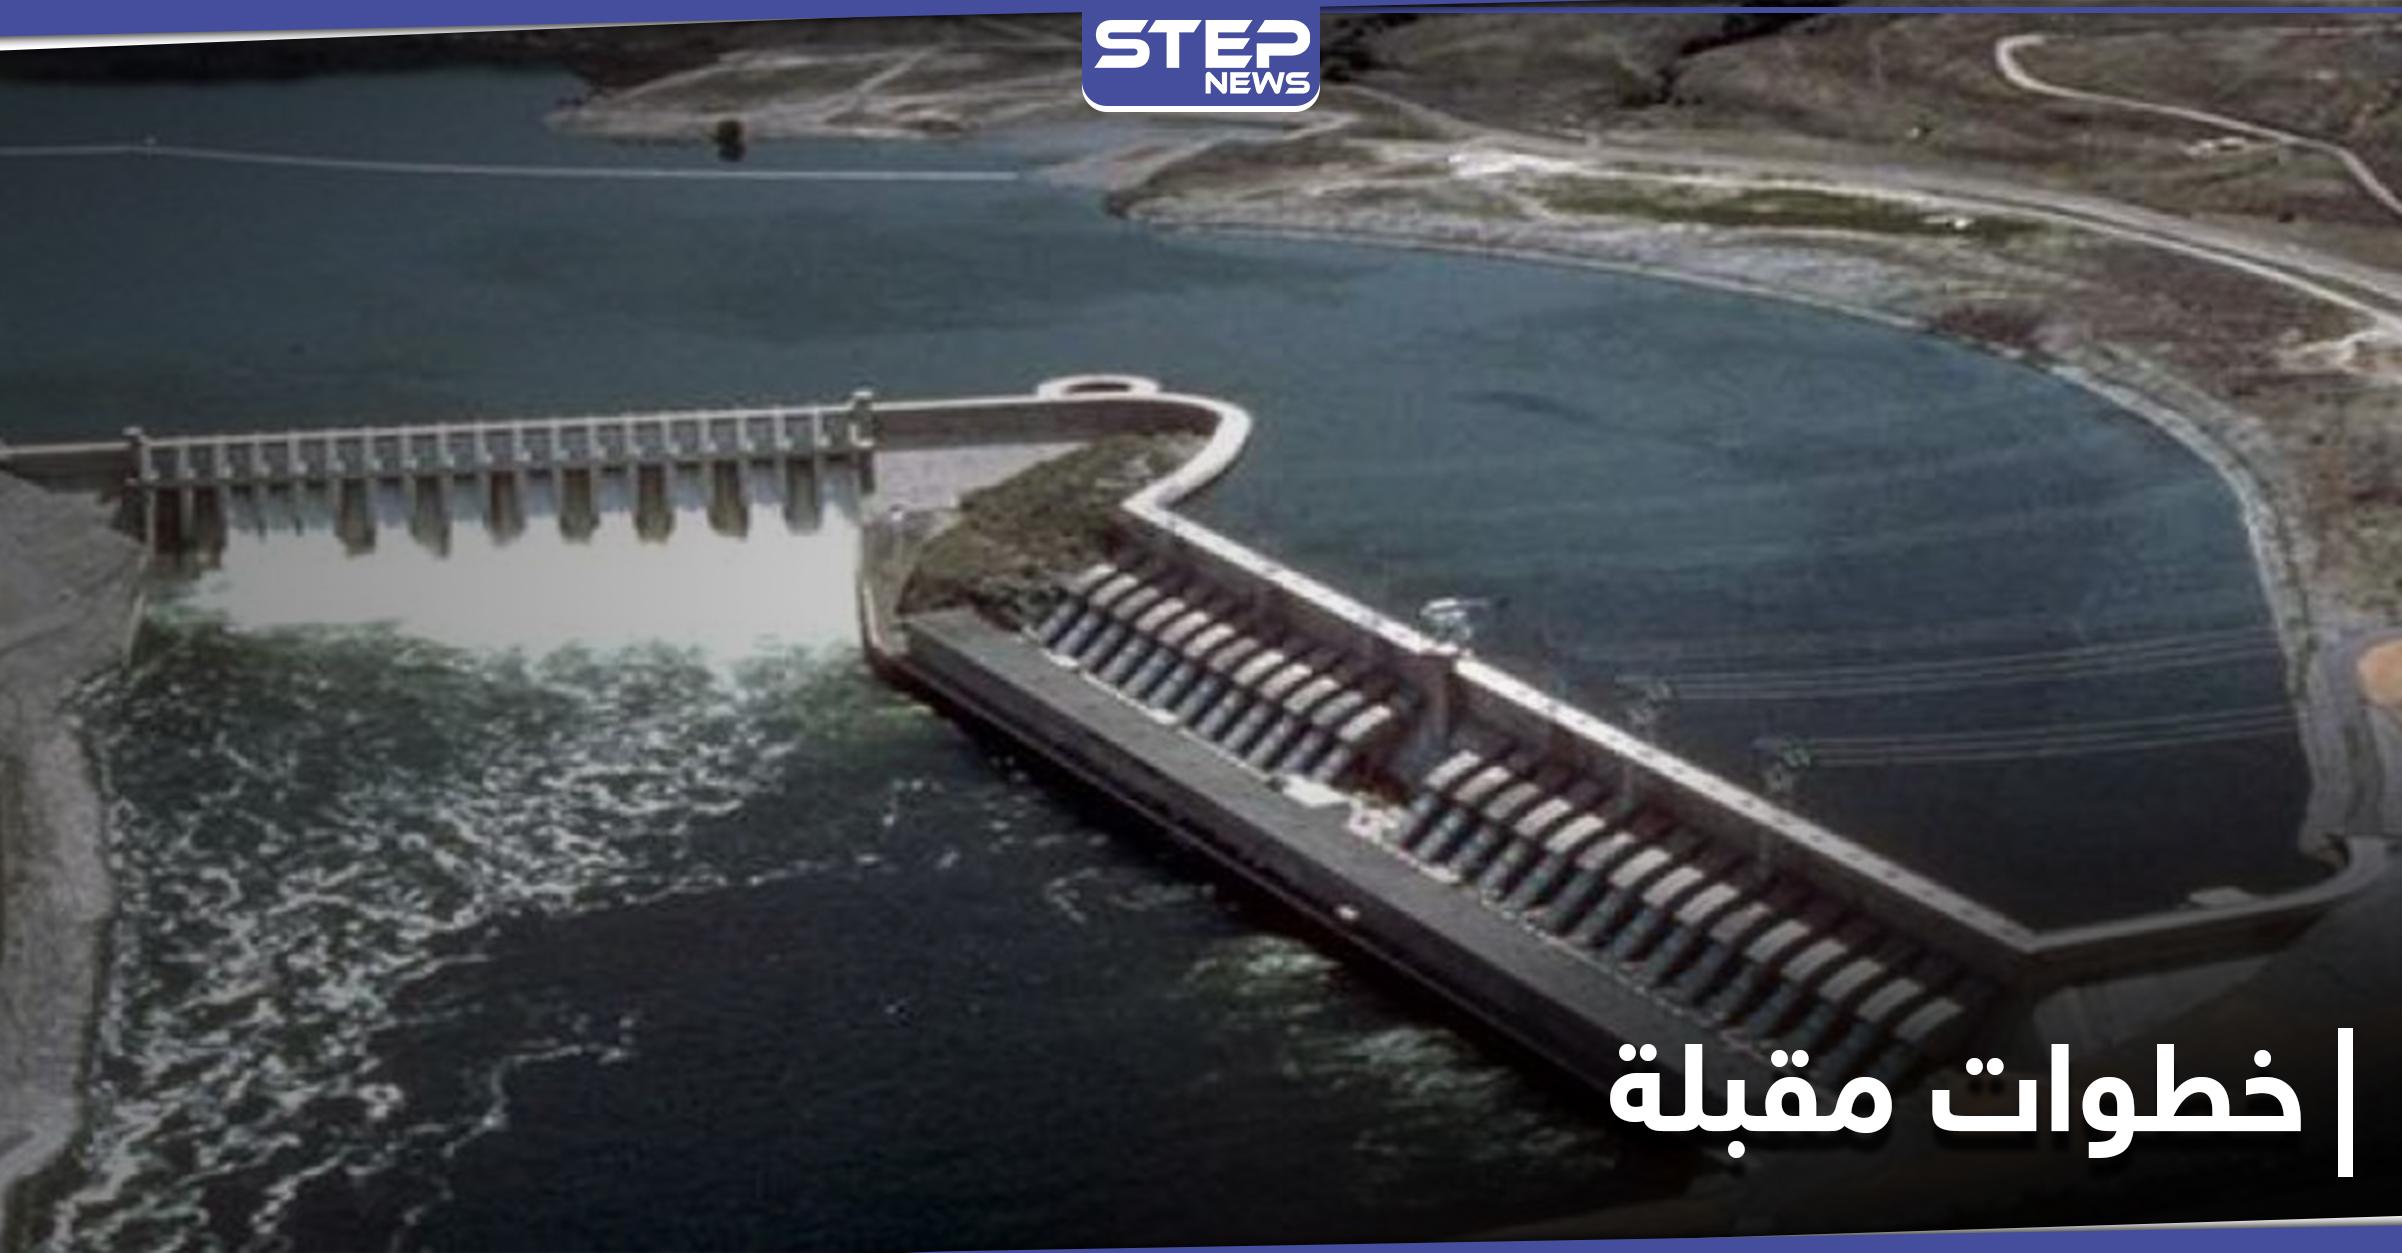 أزمة سد النهضة... مصر تجري اتفاقات عسكرية وإثيوبيا تُبلغ واشنطن بموقفها النهائي